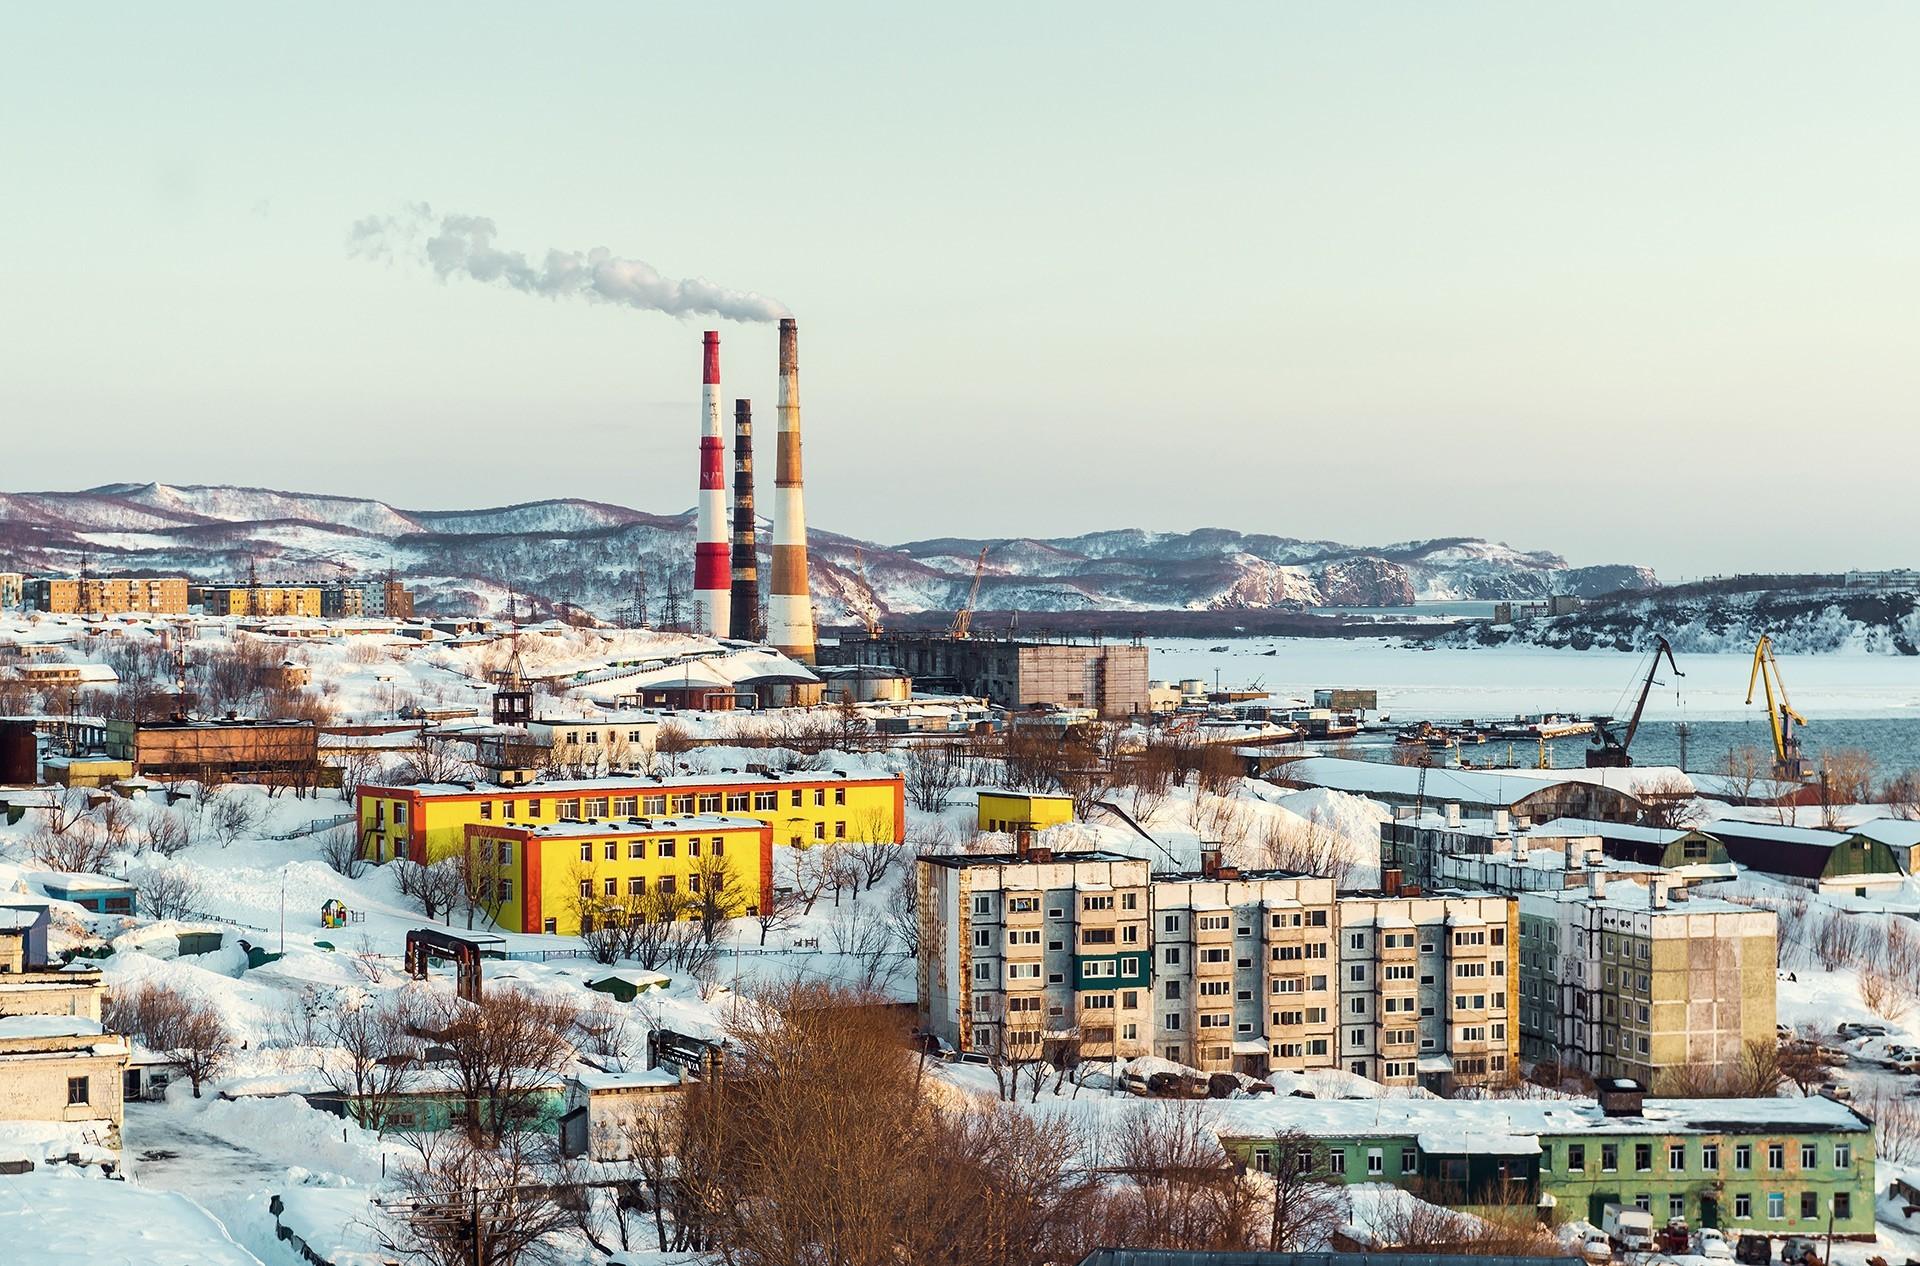 Petropavlovsk-Kamčatski, Rusija